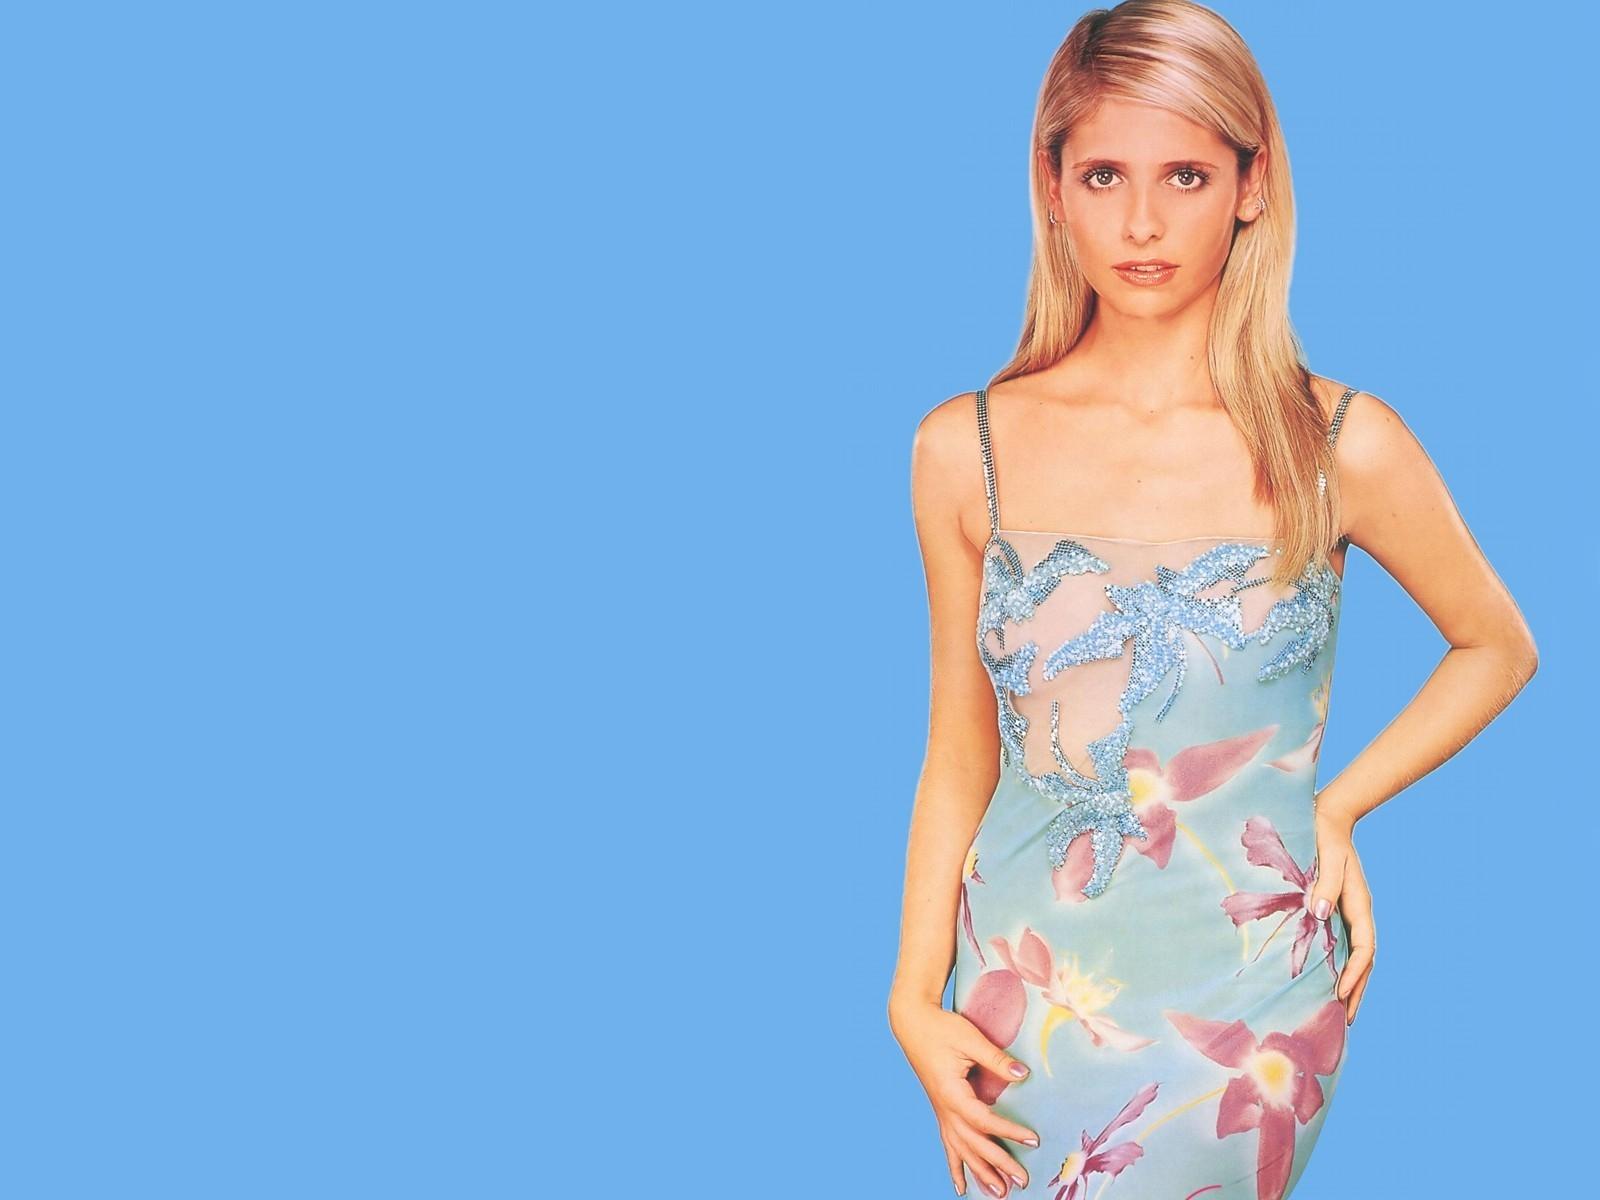 Wallpaper di Sarah Michelle Gellar fasciata in un abito dai toni pastello